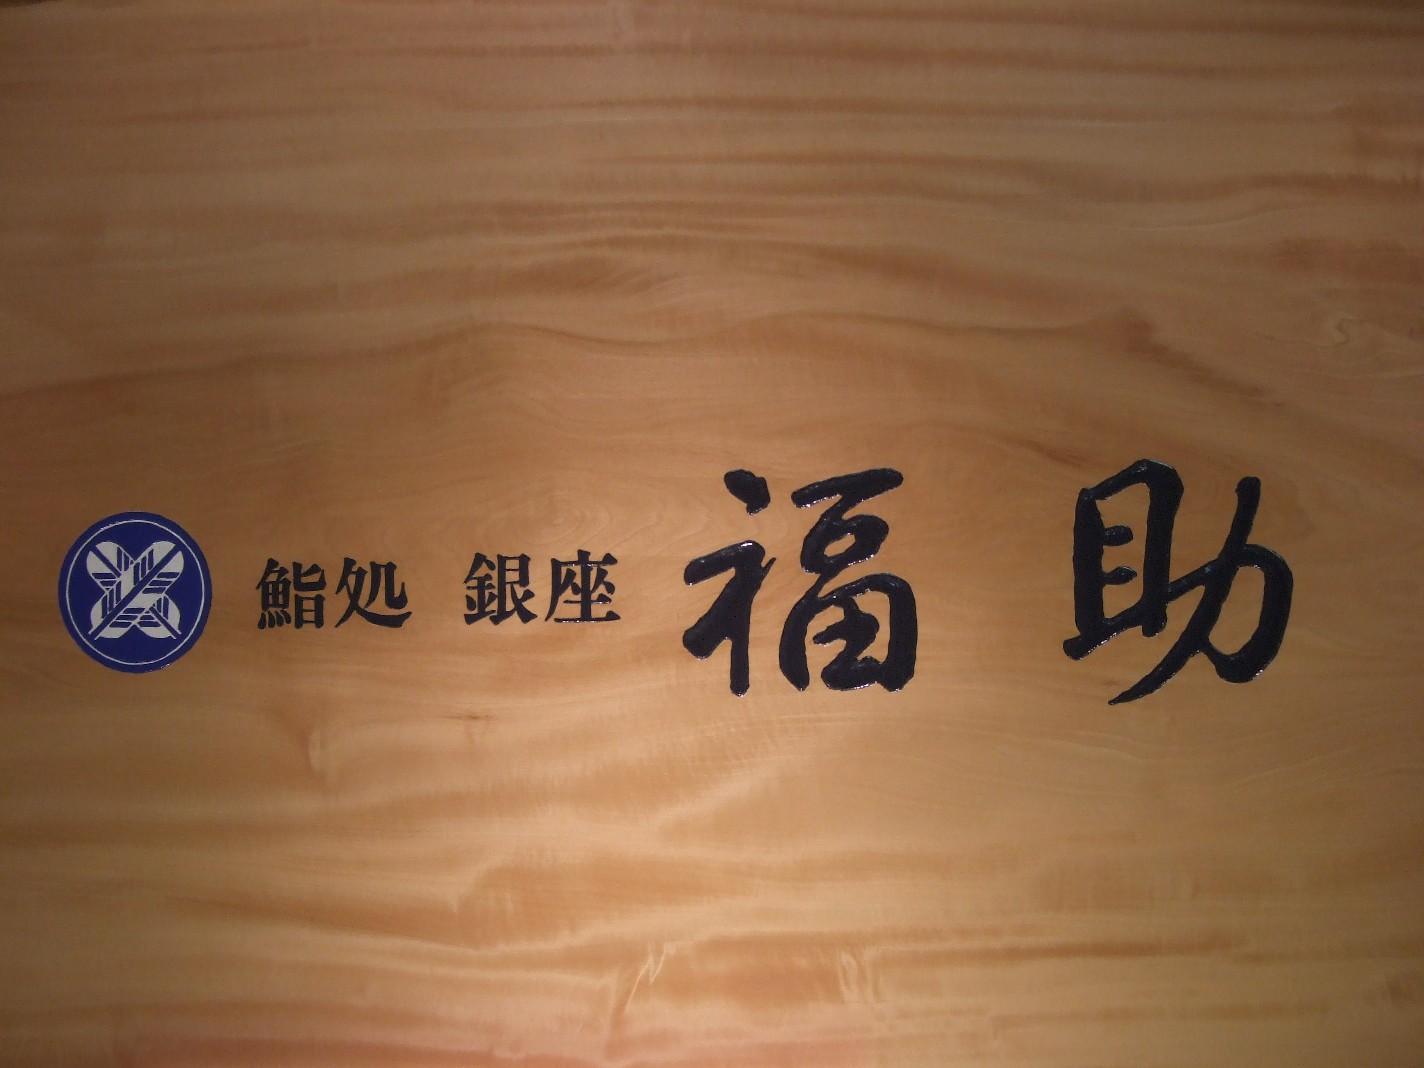 鮨処 銀座福助 池袋東武店